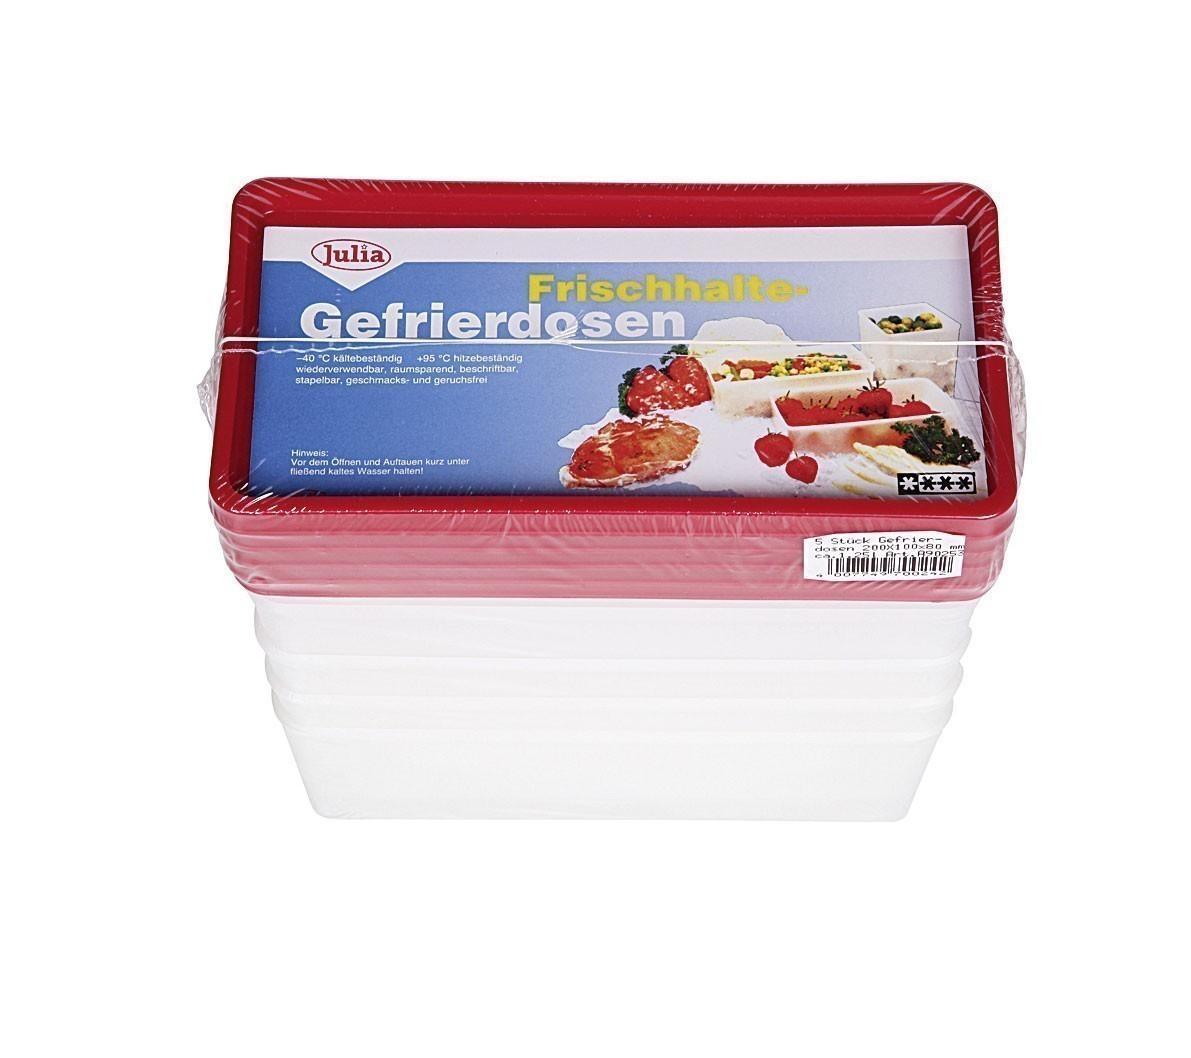 Frischhaltedose / Gefrierbehälter sia 1,25L 5Stück Bild 1